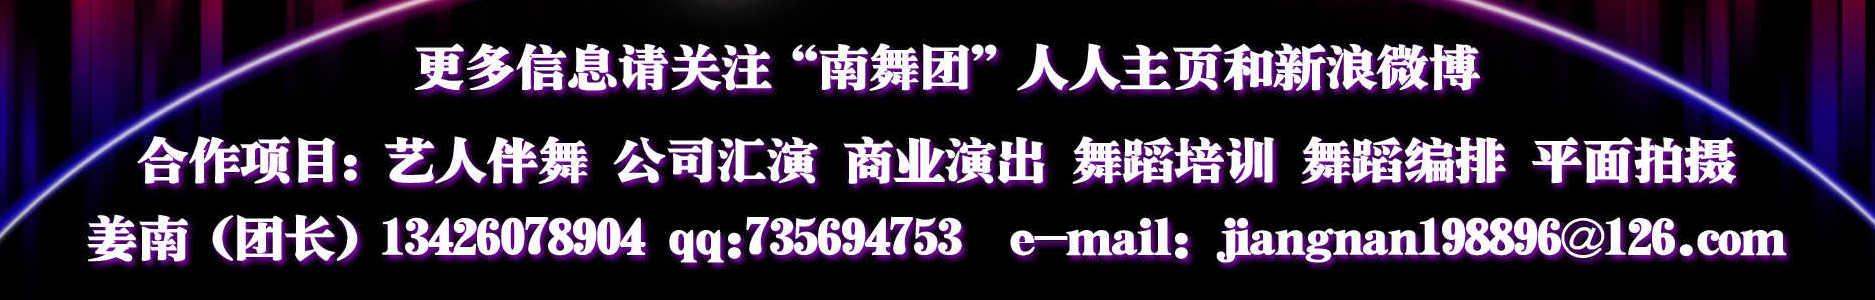 南舞团官方视频账号 banner